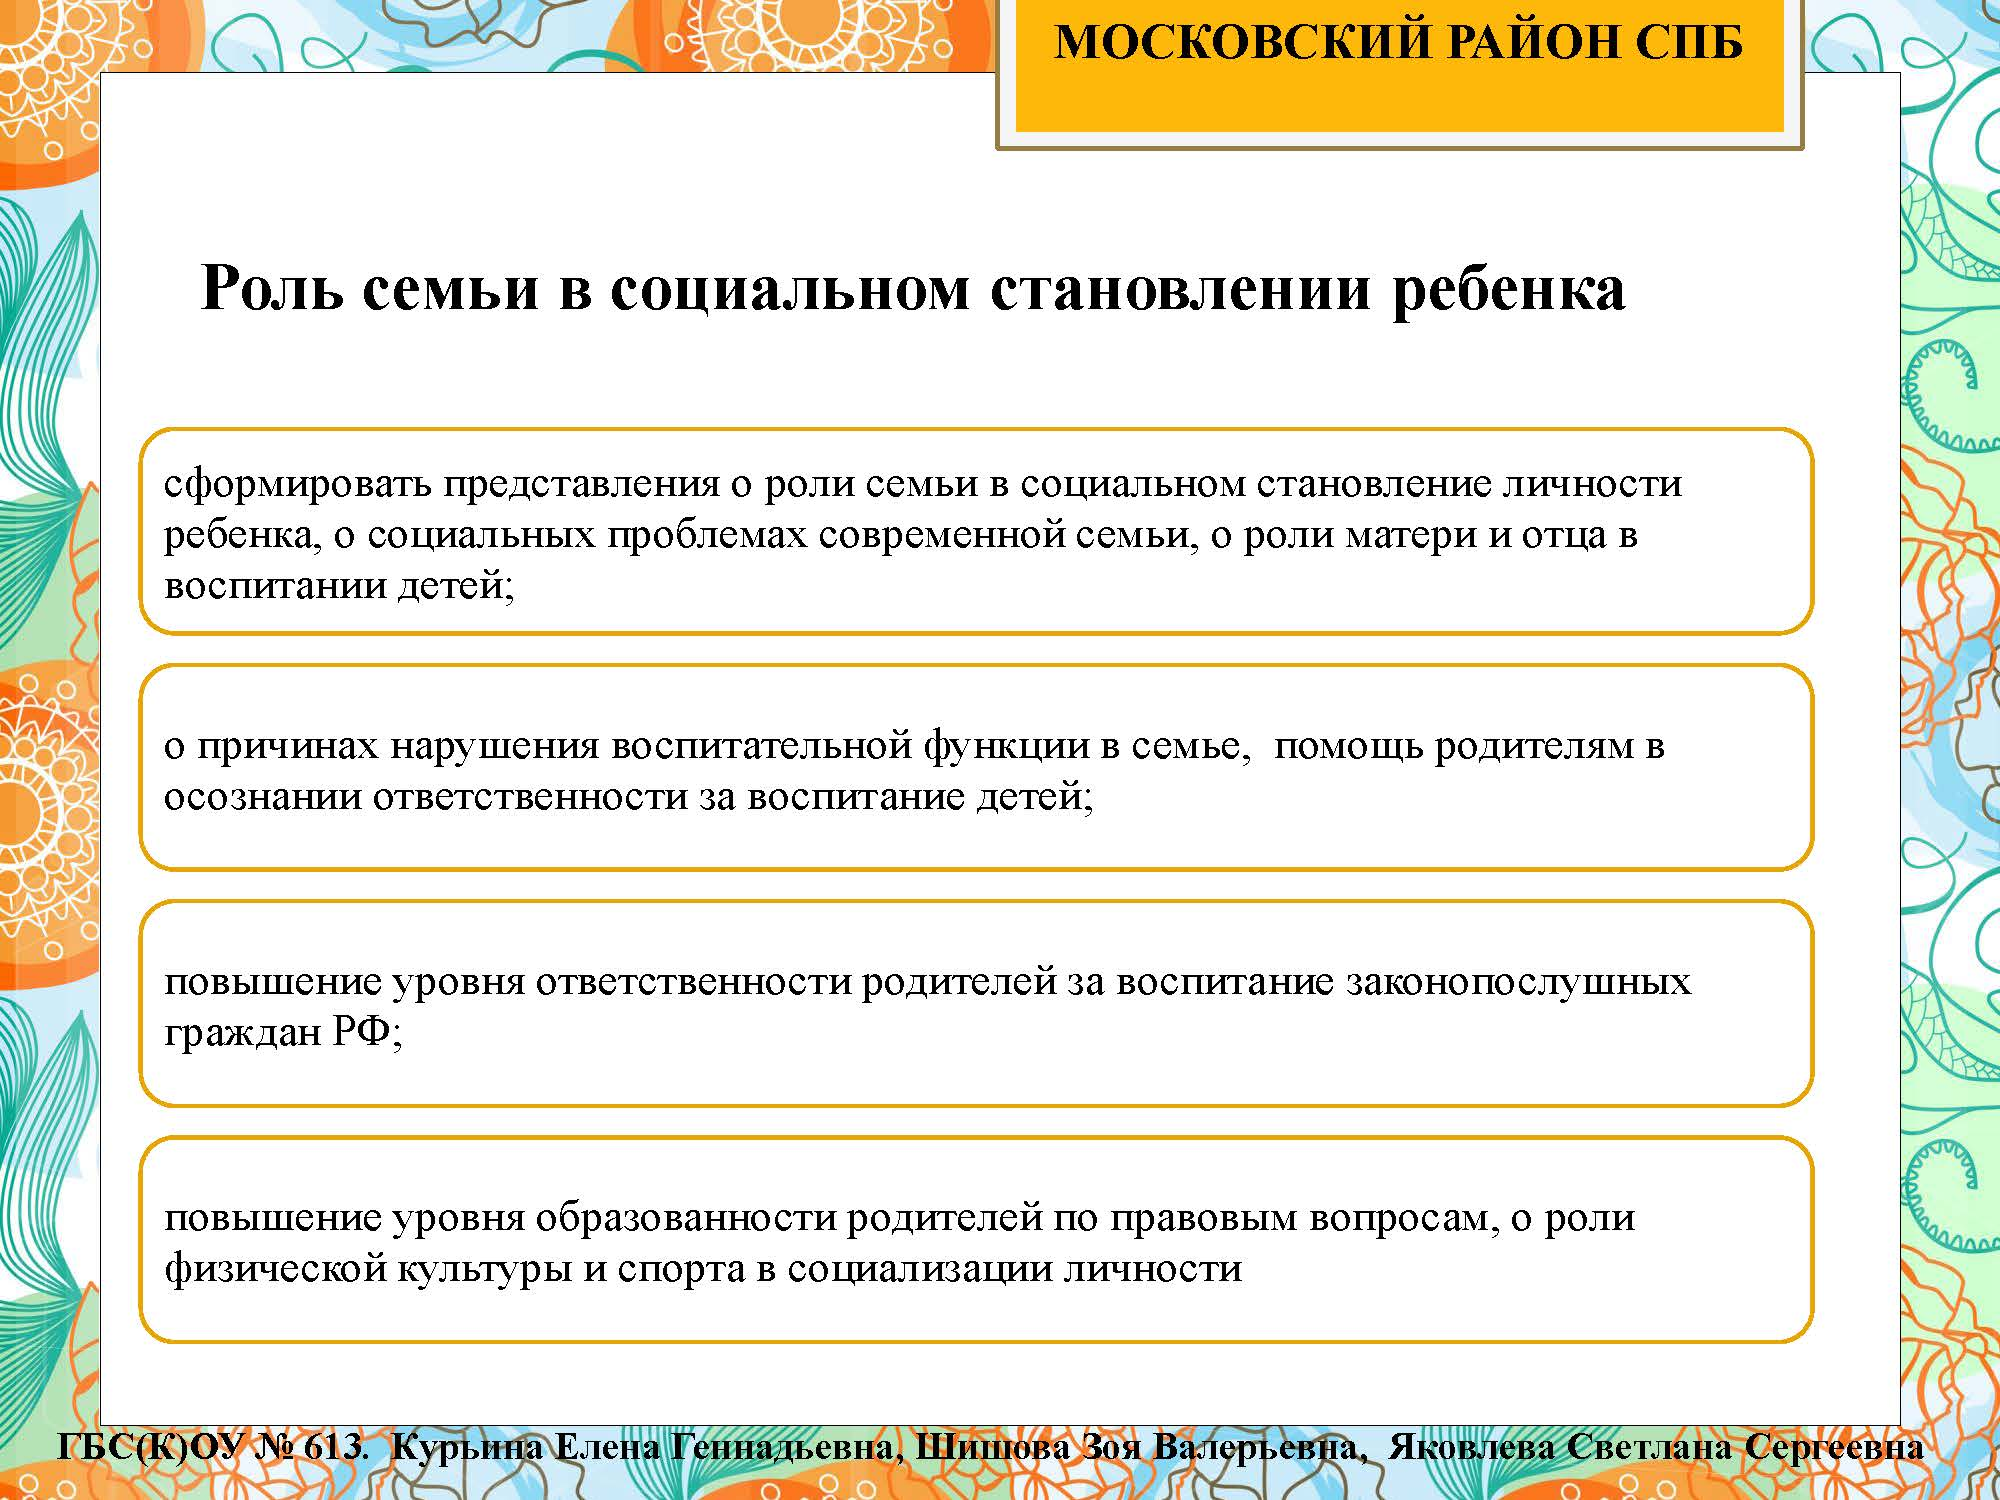 секция 8. ГБС(К)ОУ 613. Московский район_Страница_11